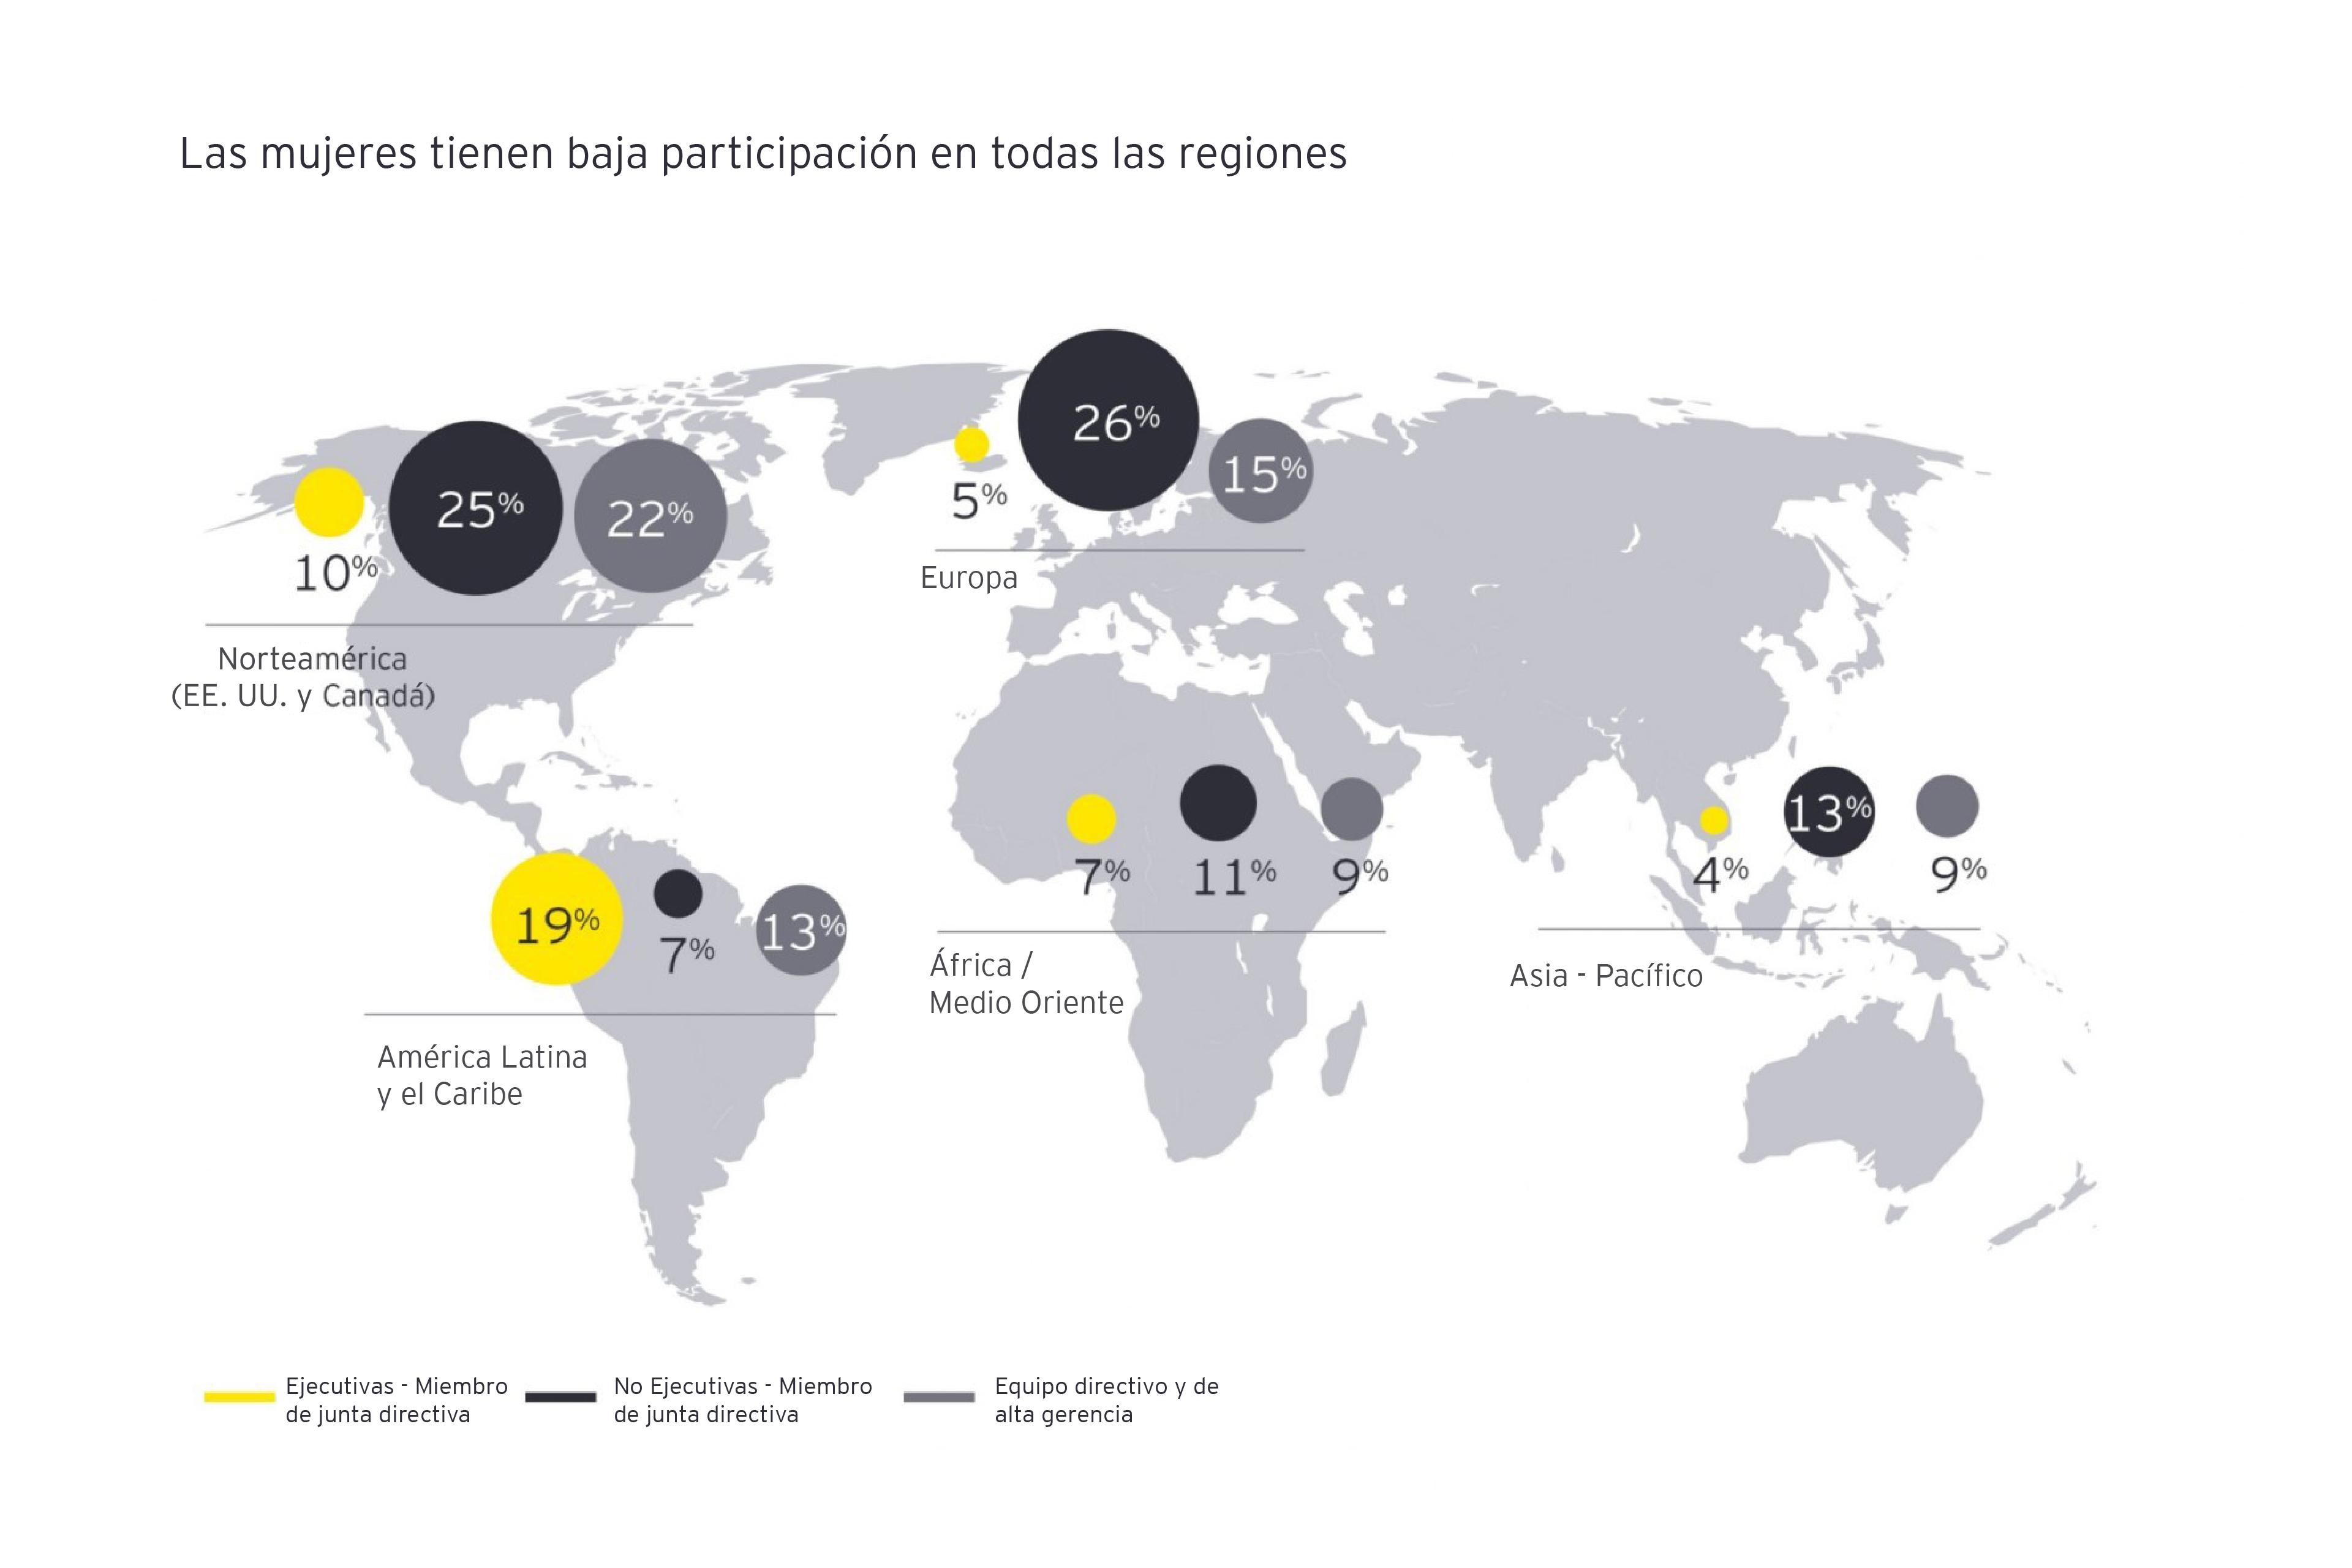 Las mujeres tienen baja participación en todas las regiones